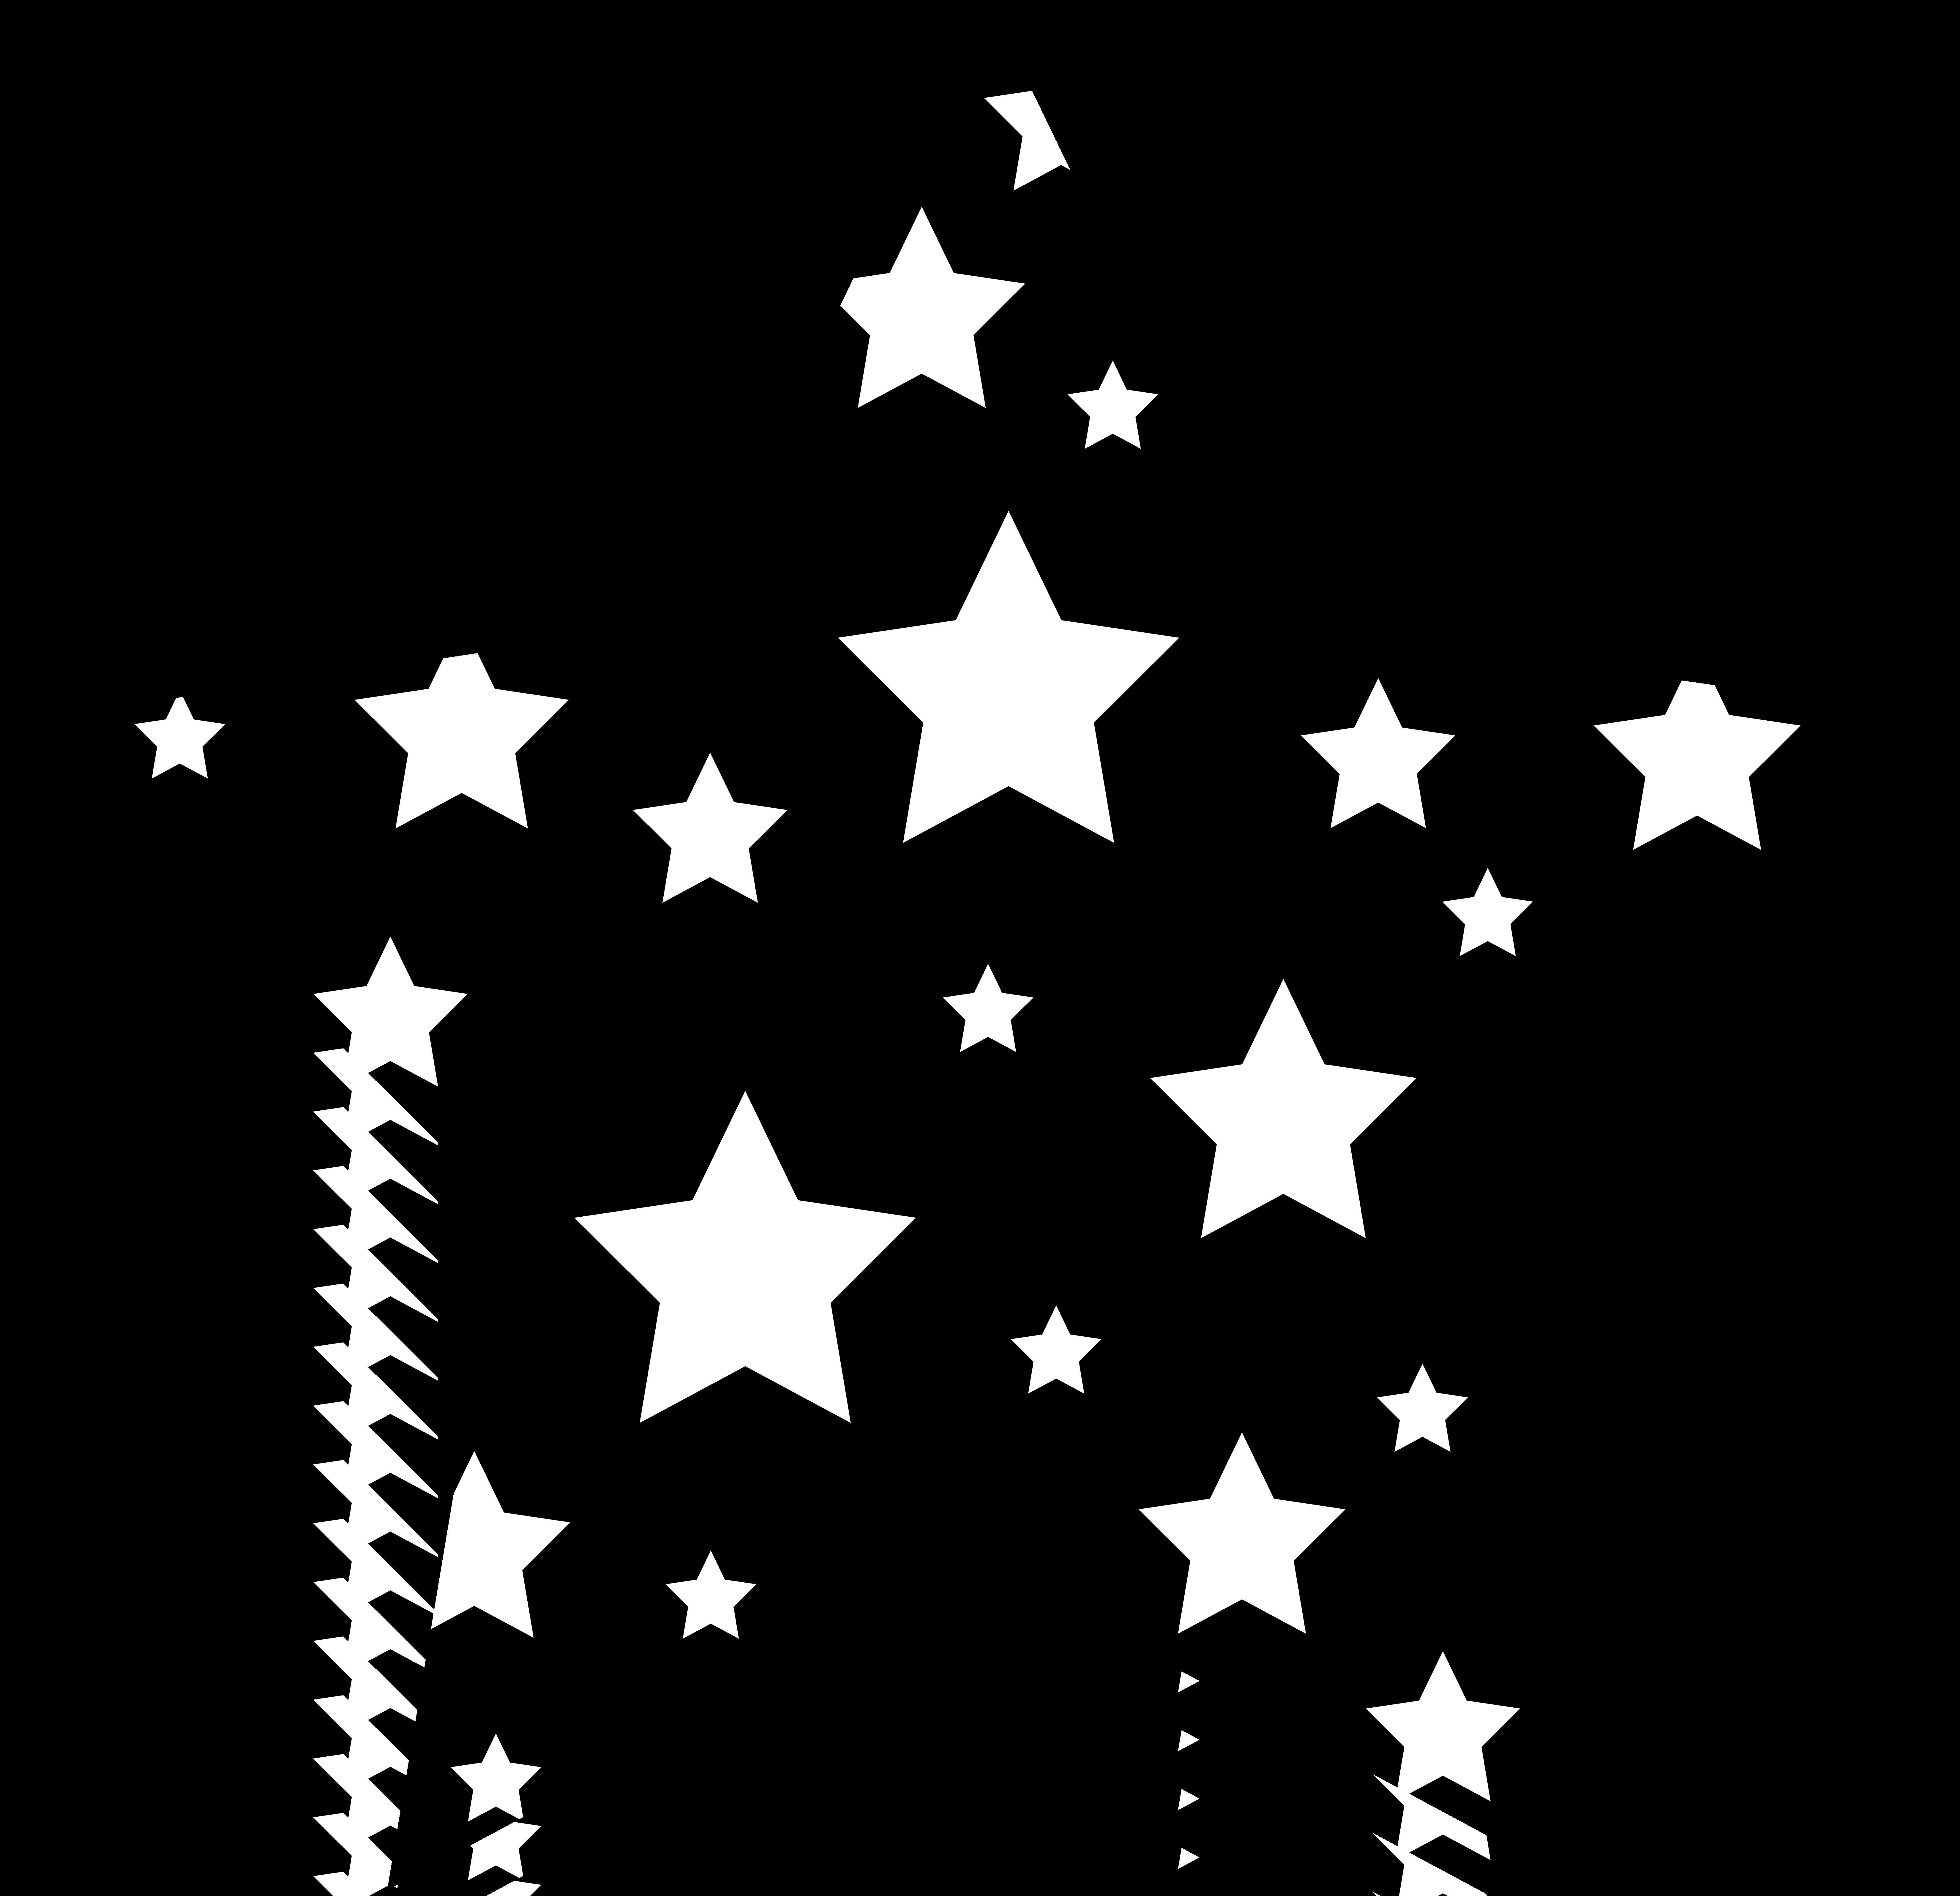 Clipart Stars-clipart stars-4